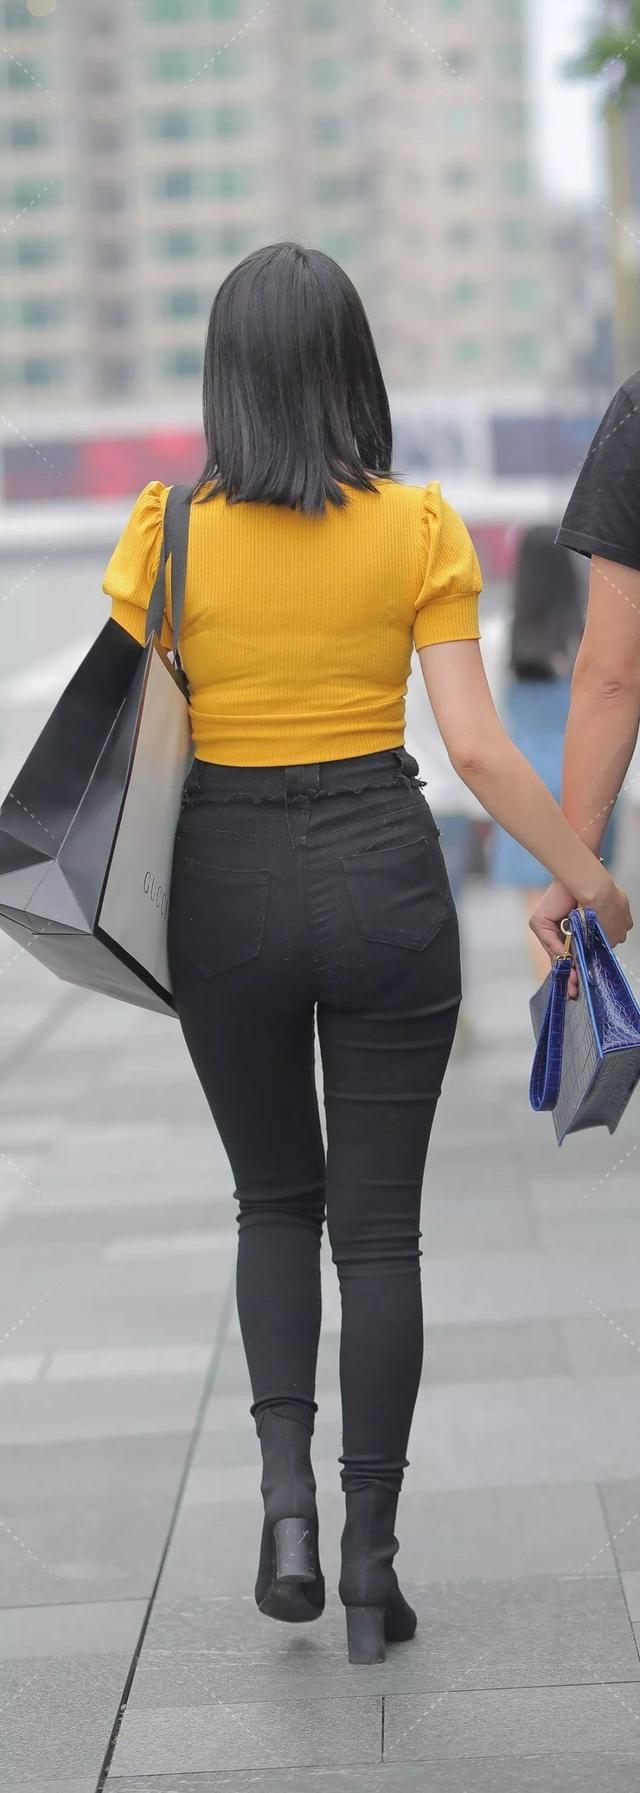 [紧身裤]成熟女人穿出了丰韵,用身材诠释紧身裤的优点